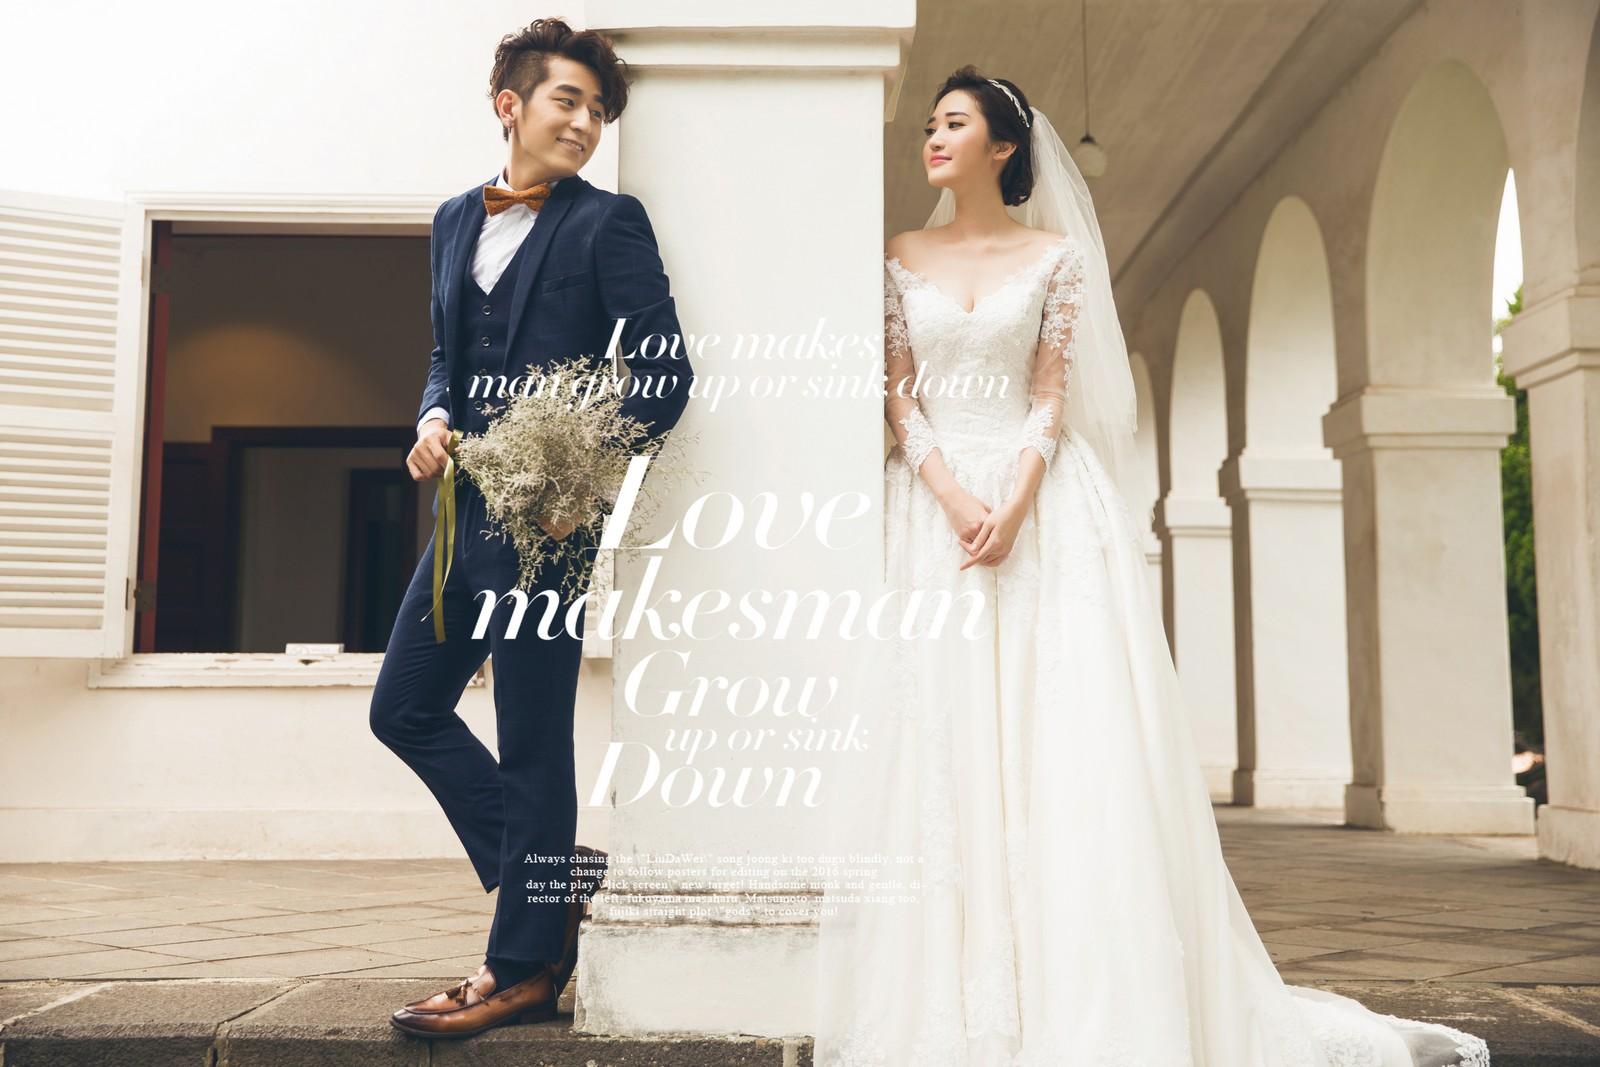 拍婚紗照,婚紗照風格,婚紗照價格,婚紗攝影價格,拍婚紗價格,經典韓風